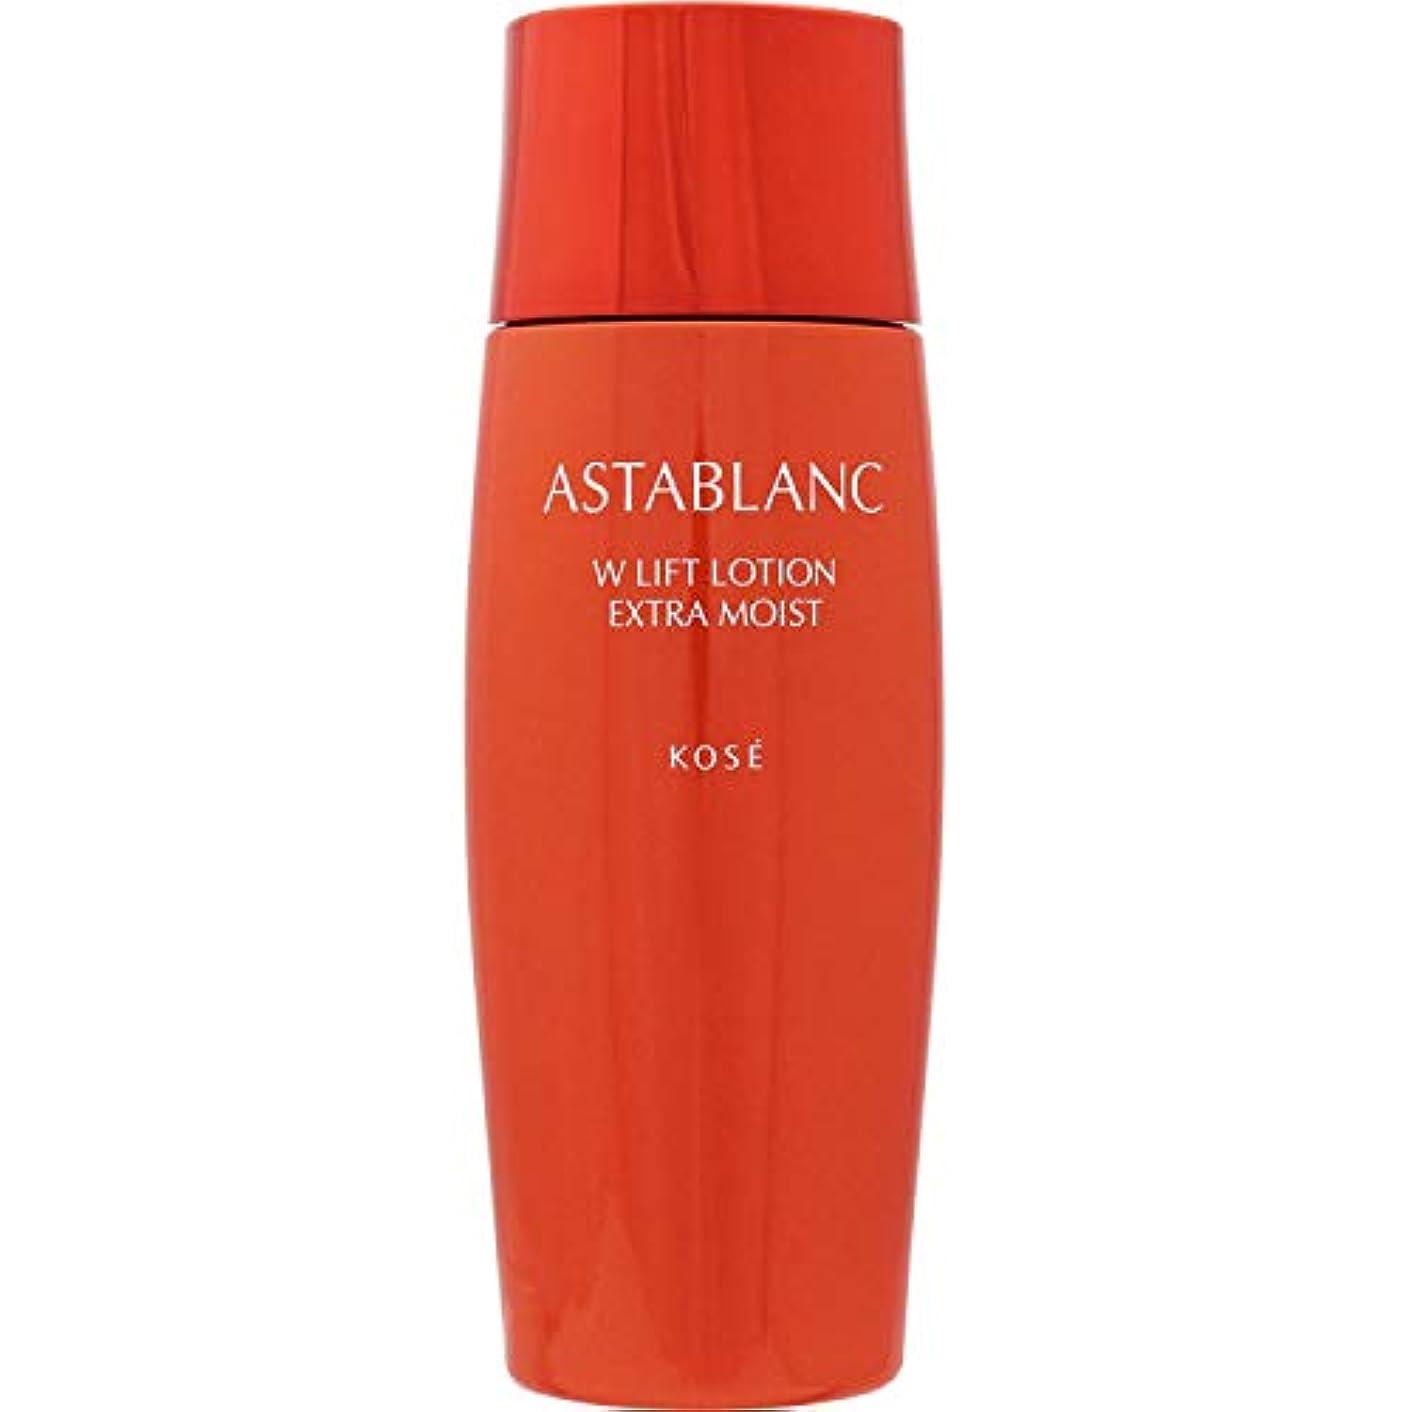 メジャーキャプテン連邦ASTABLANC(アスタブラン) アスタブラン Wリフト ローション とてもしっとり 化粧水 140mL